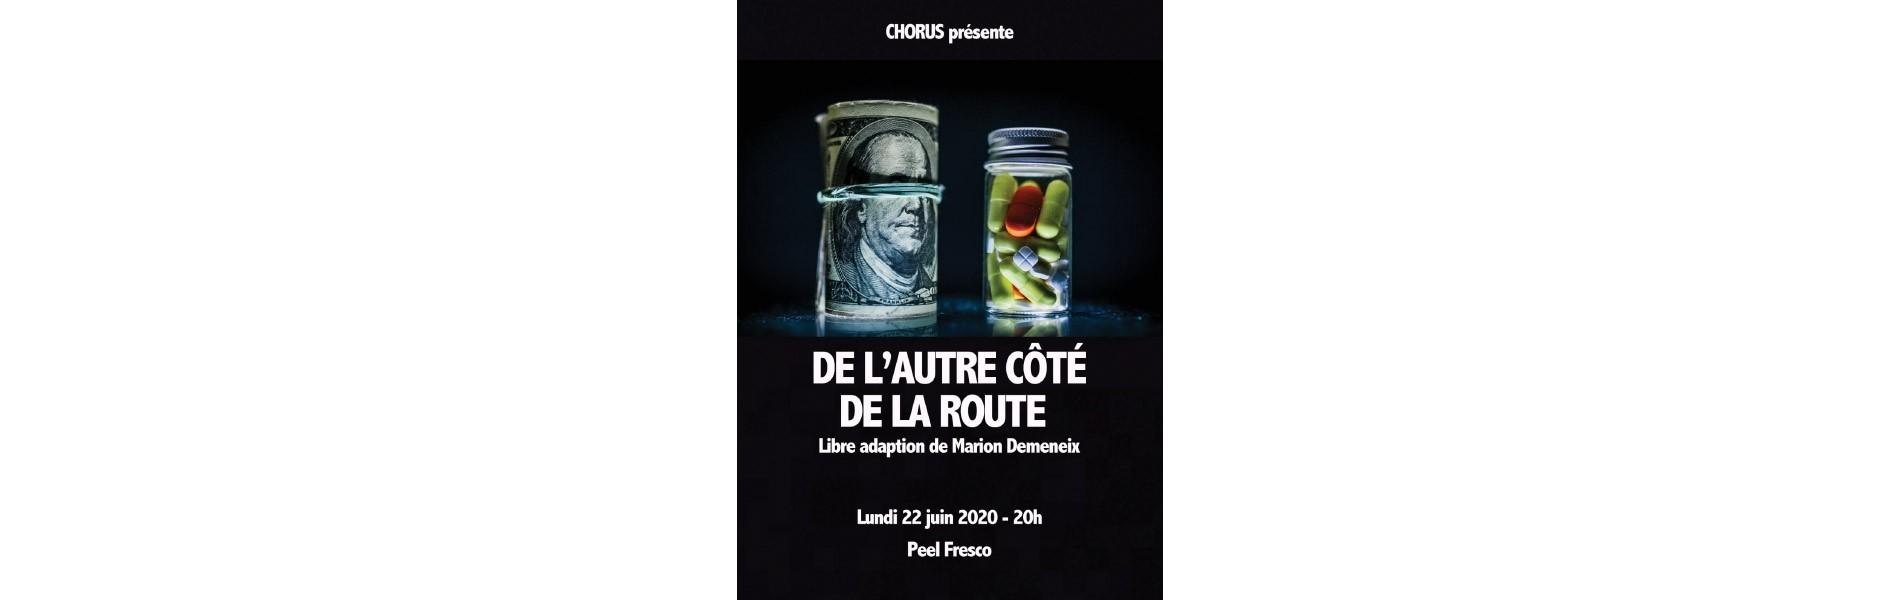 DE L'AUTRE CÔTÉ DE LA ROUTE - 23 juin 2020